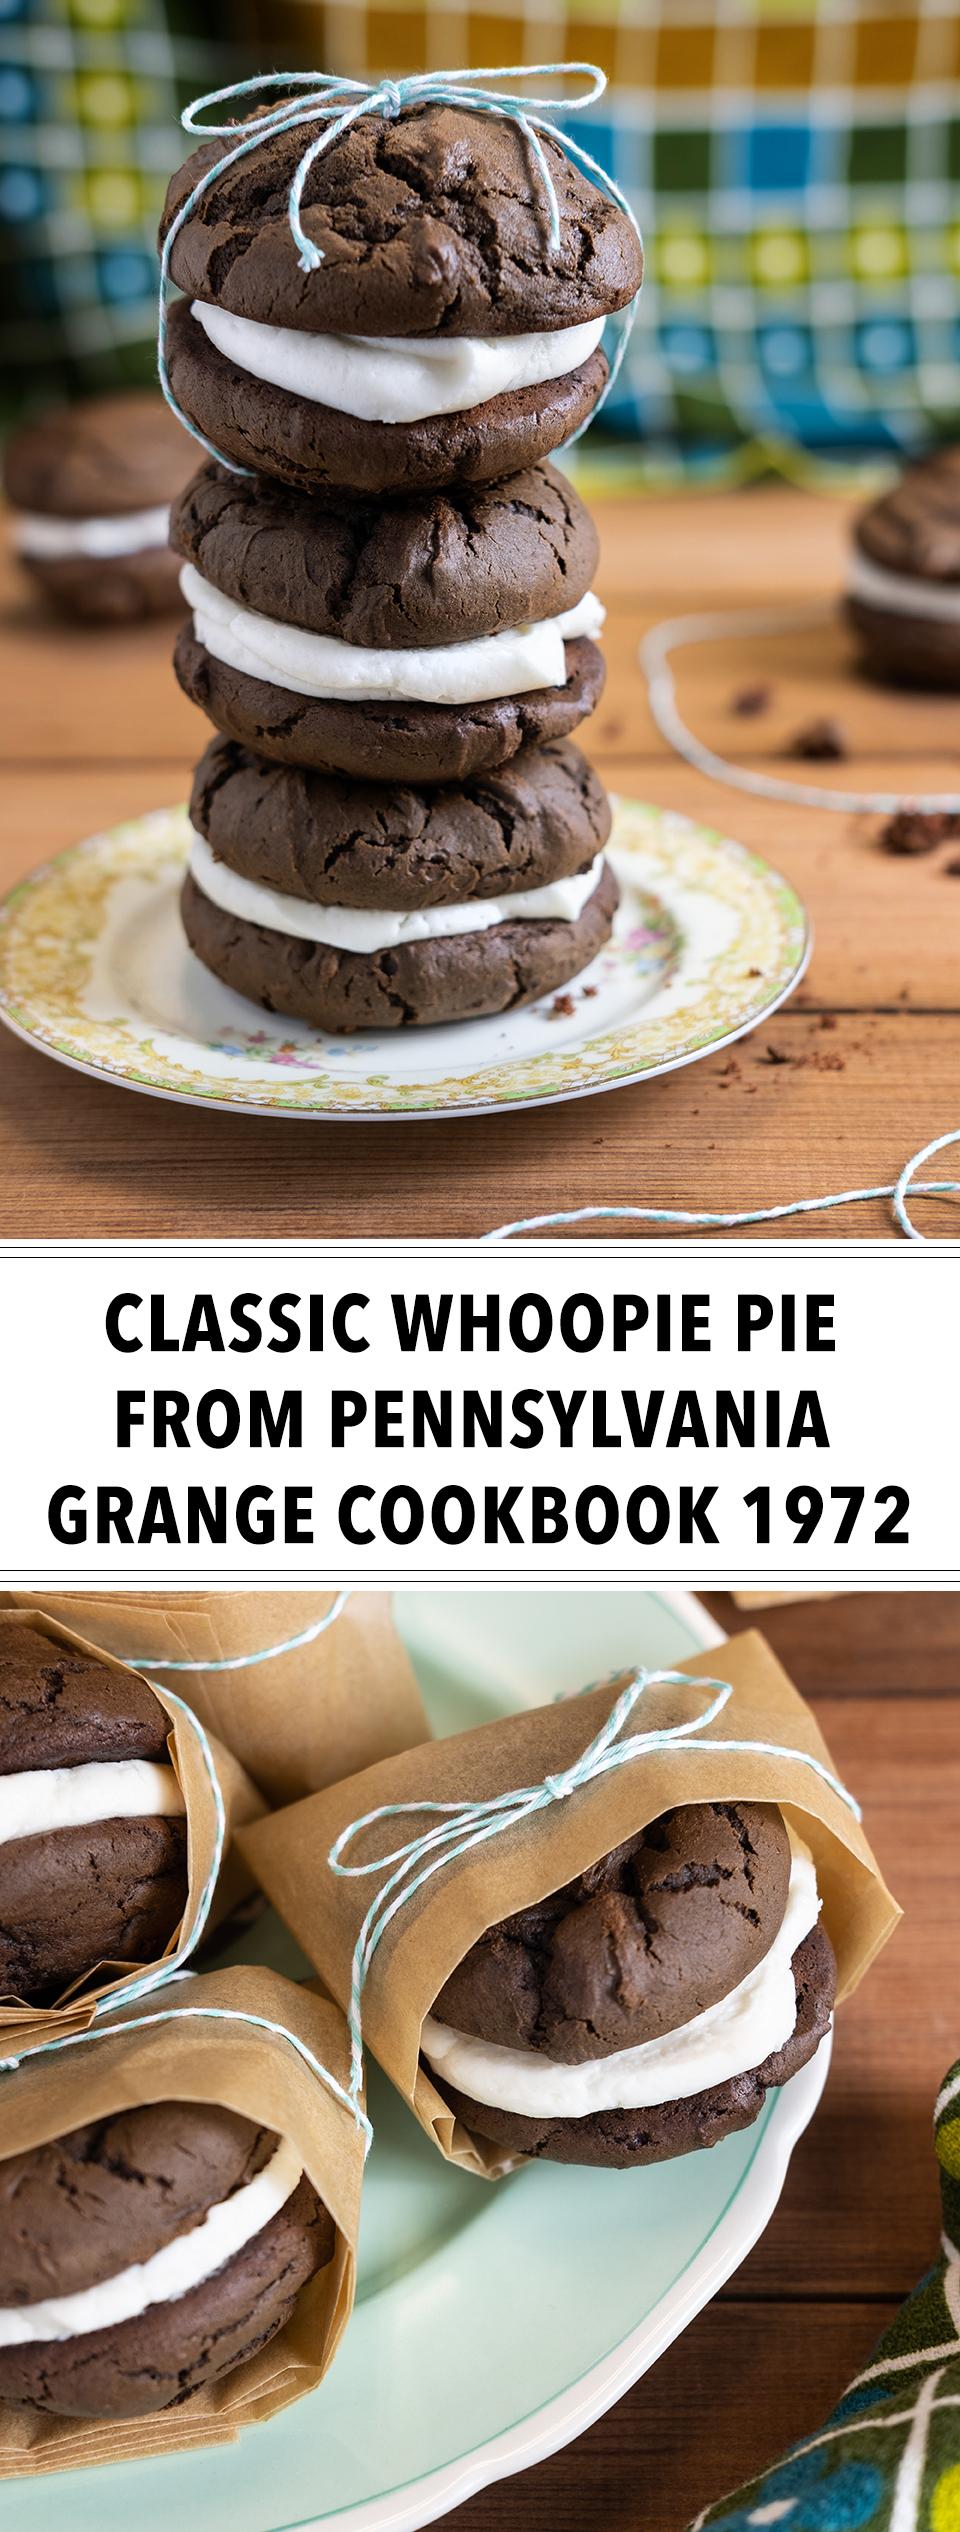 JodiLoves-Whoopie-pies-sandwich.jpg